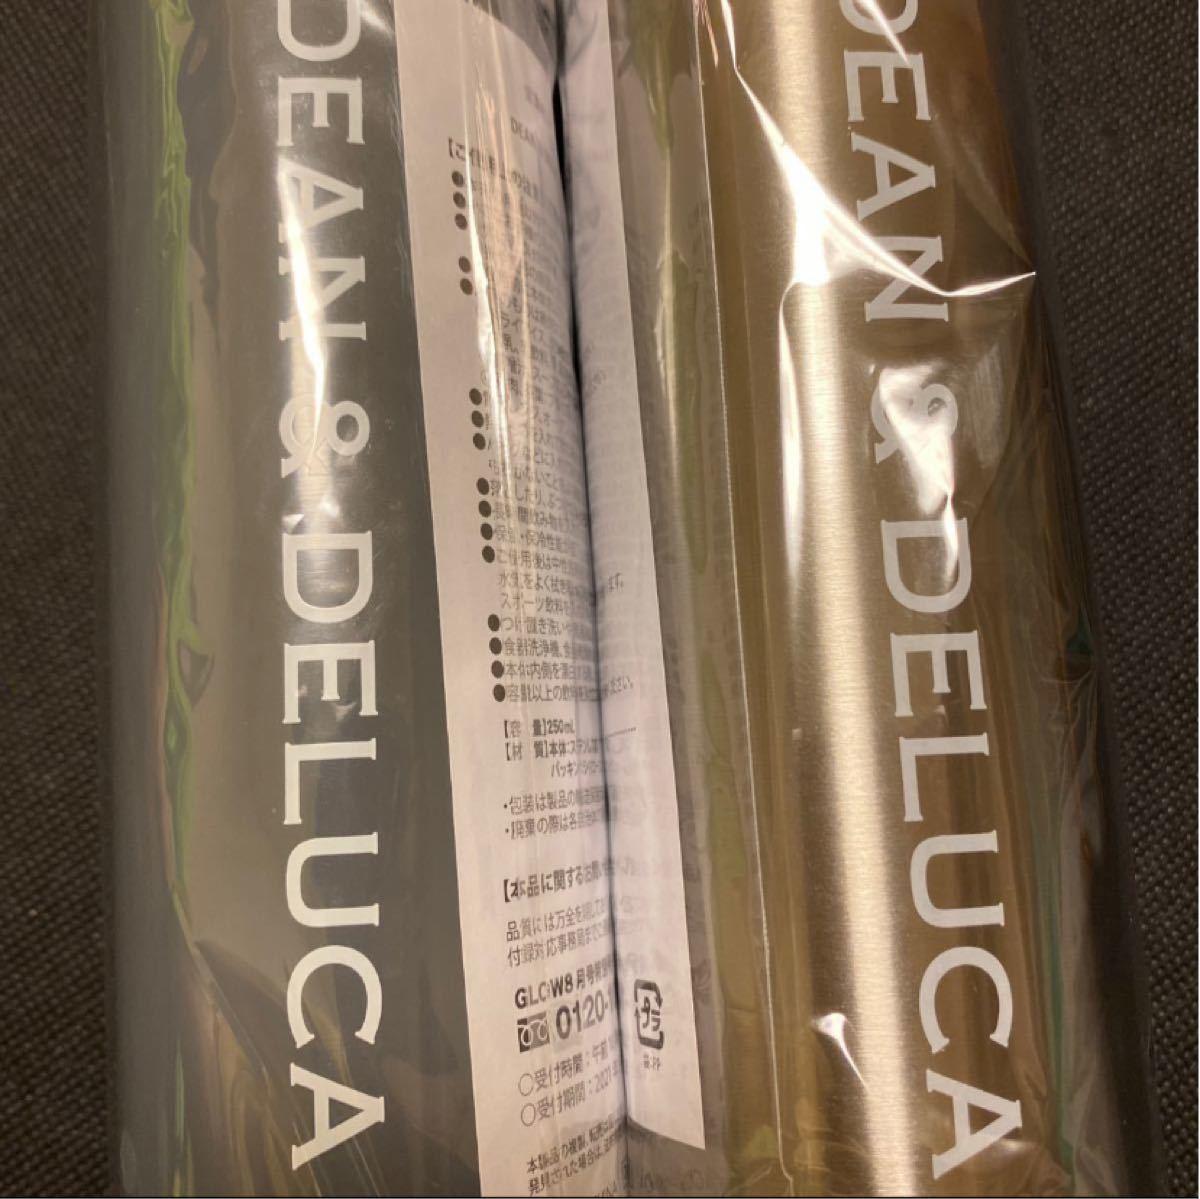 DEAN&DELUCA ディーンアンドデルーカ ディーン&デルーカ 水筒 ステンレスボトル 2個